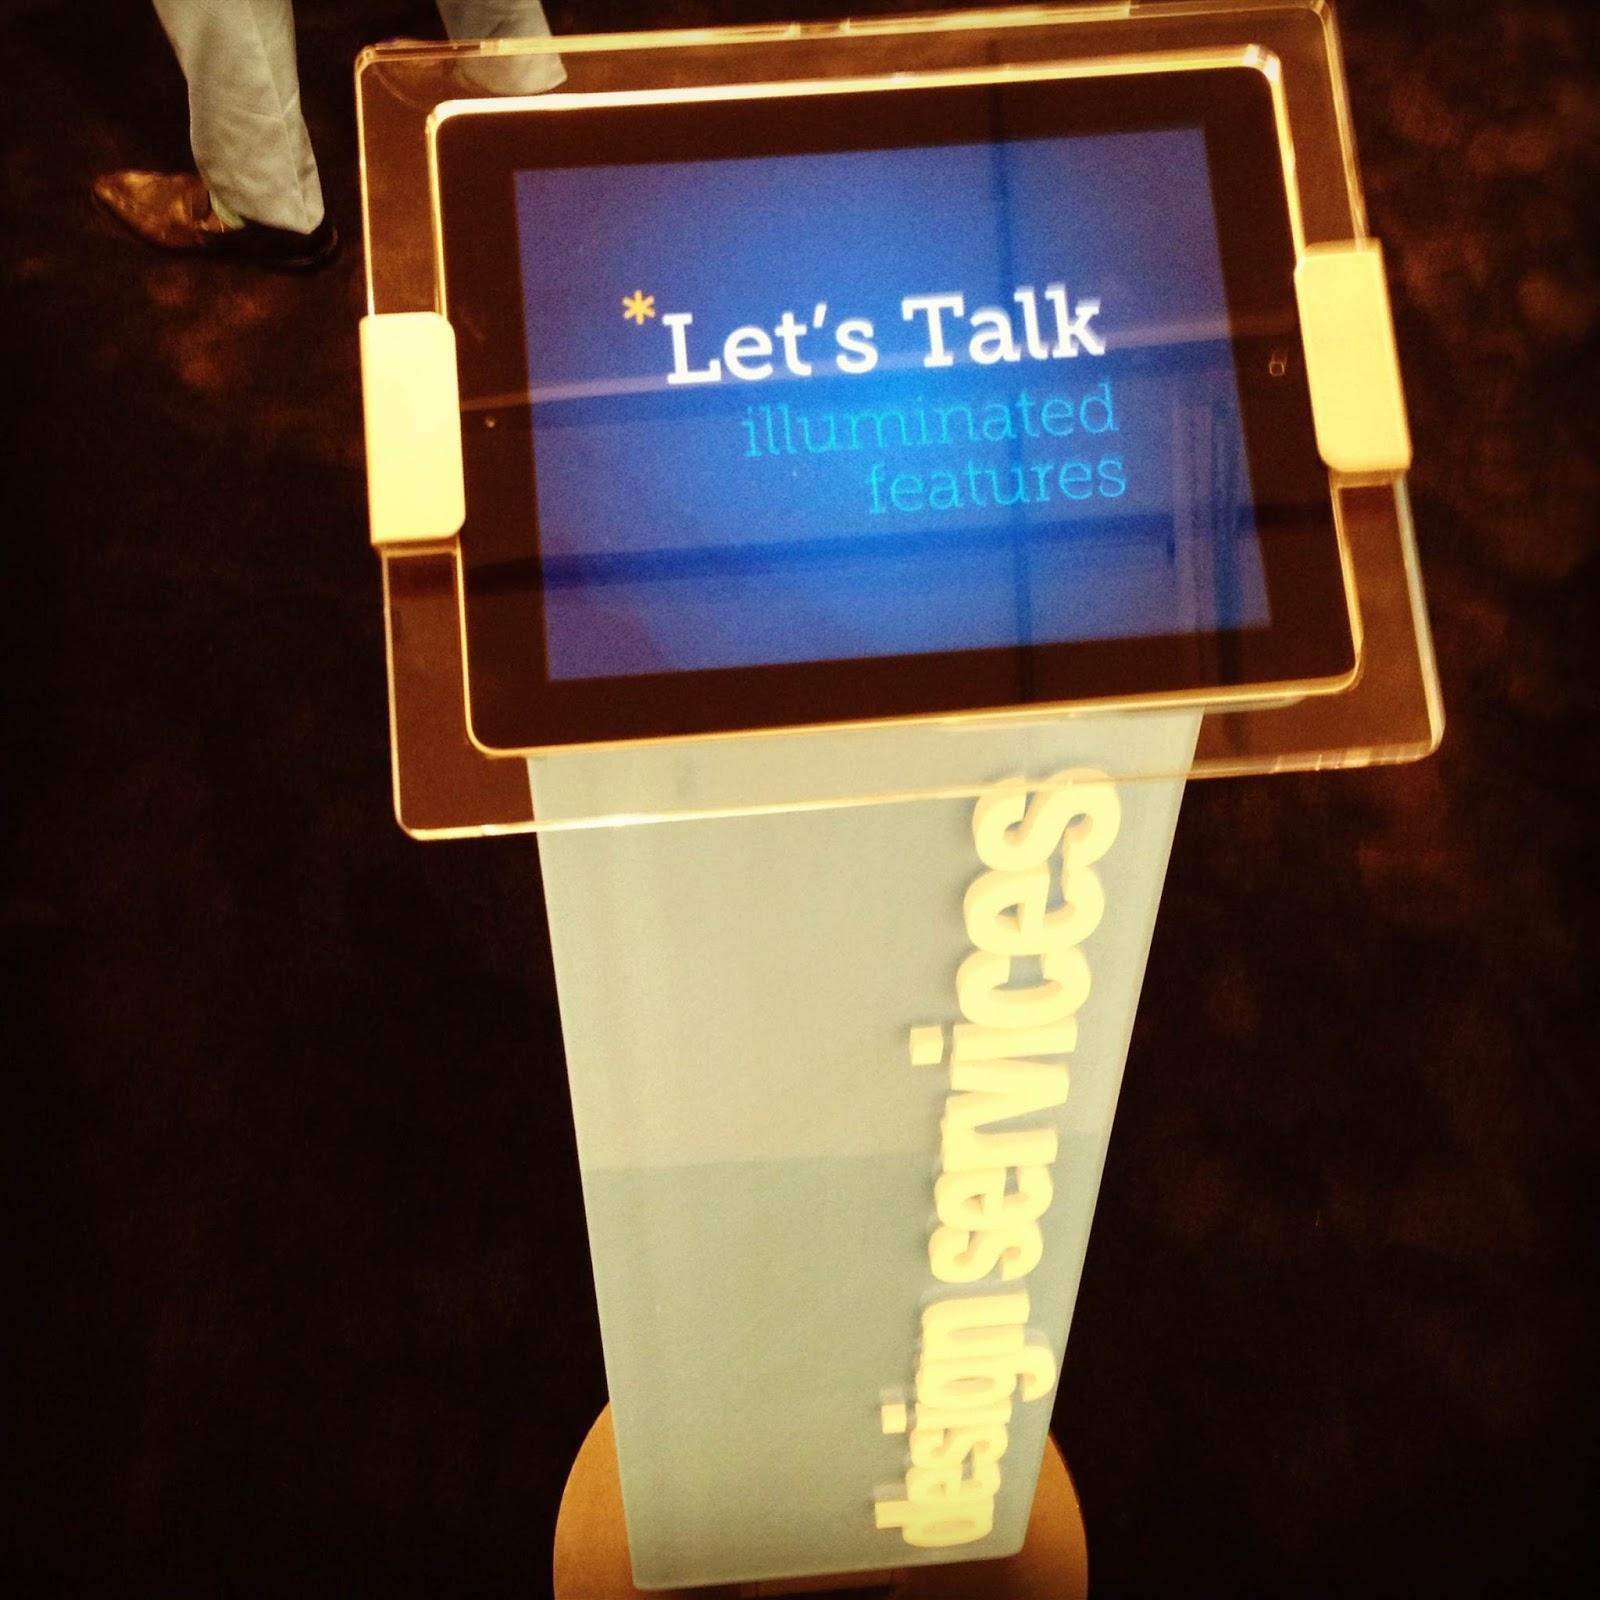 interactive iPad display at a trade show